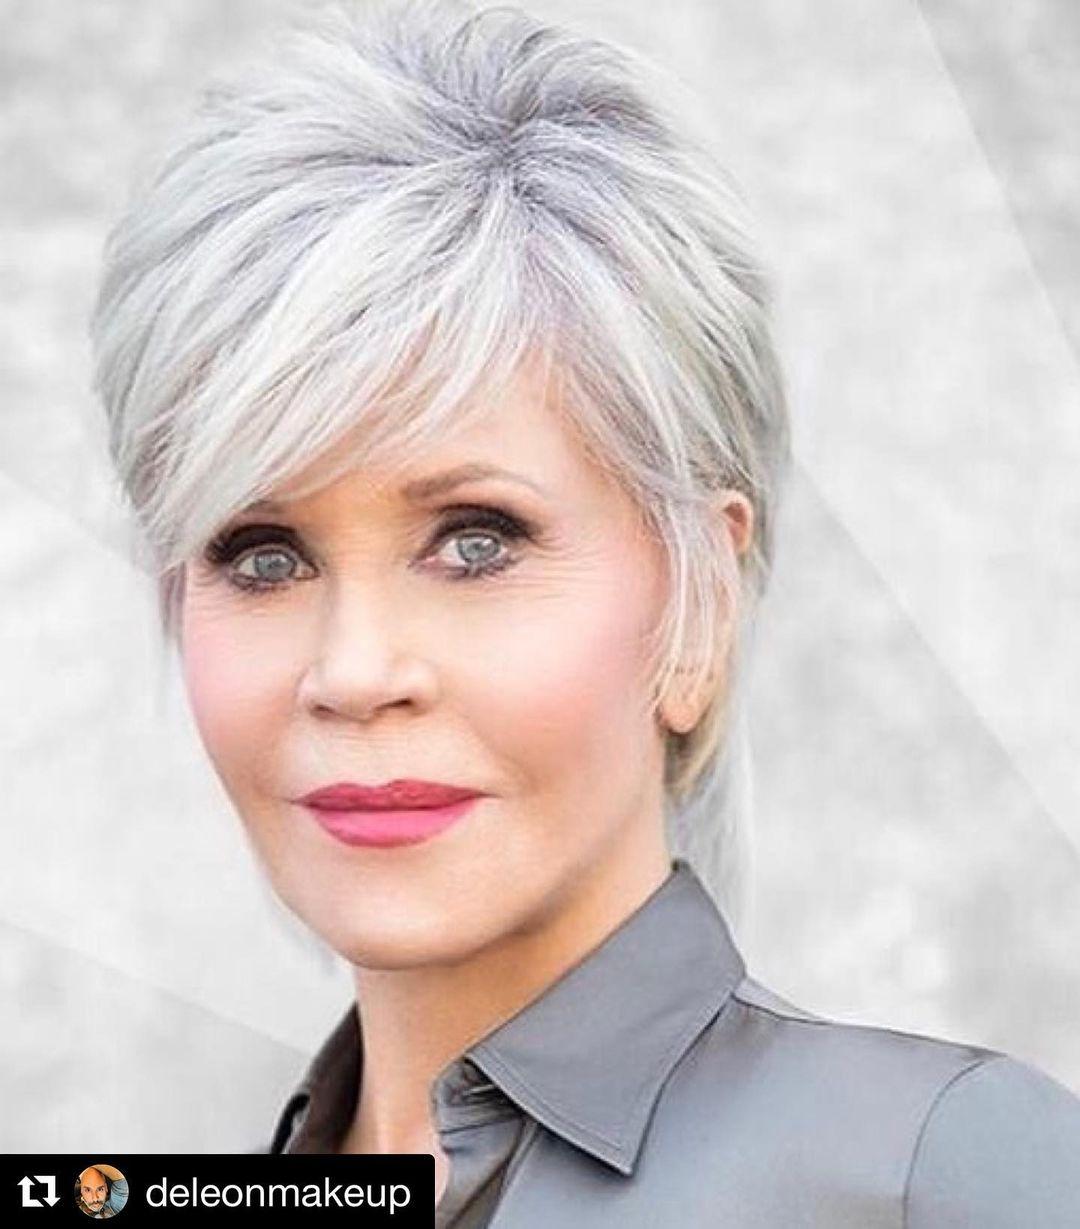 Umarme deine grauen Haare! 10 erstaunlich schöne kurze Frisuren für Frauen mit natürlichem grauem Haar!